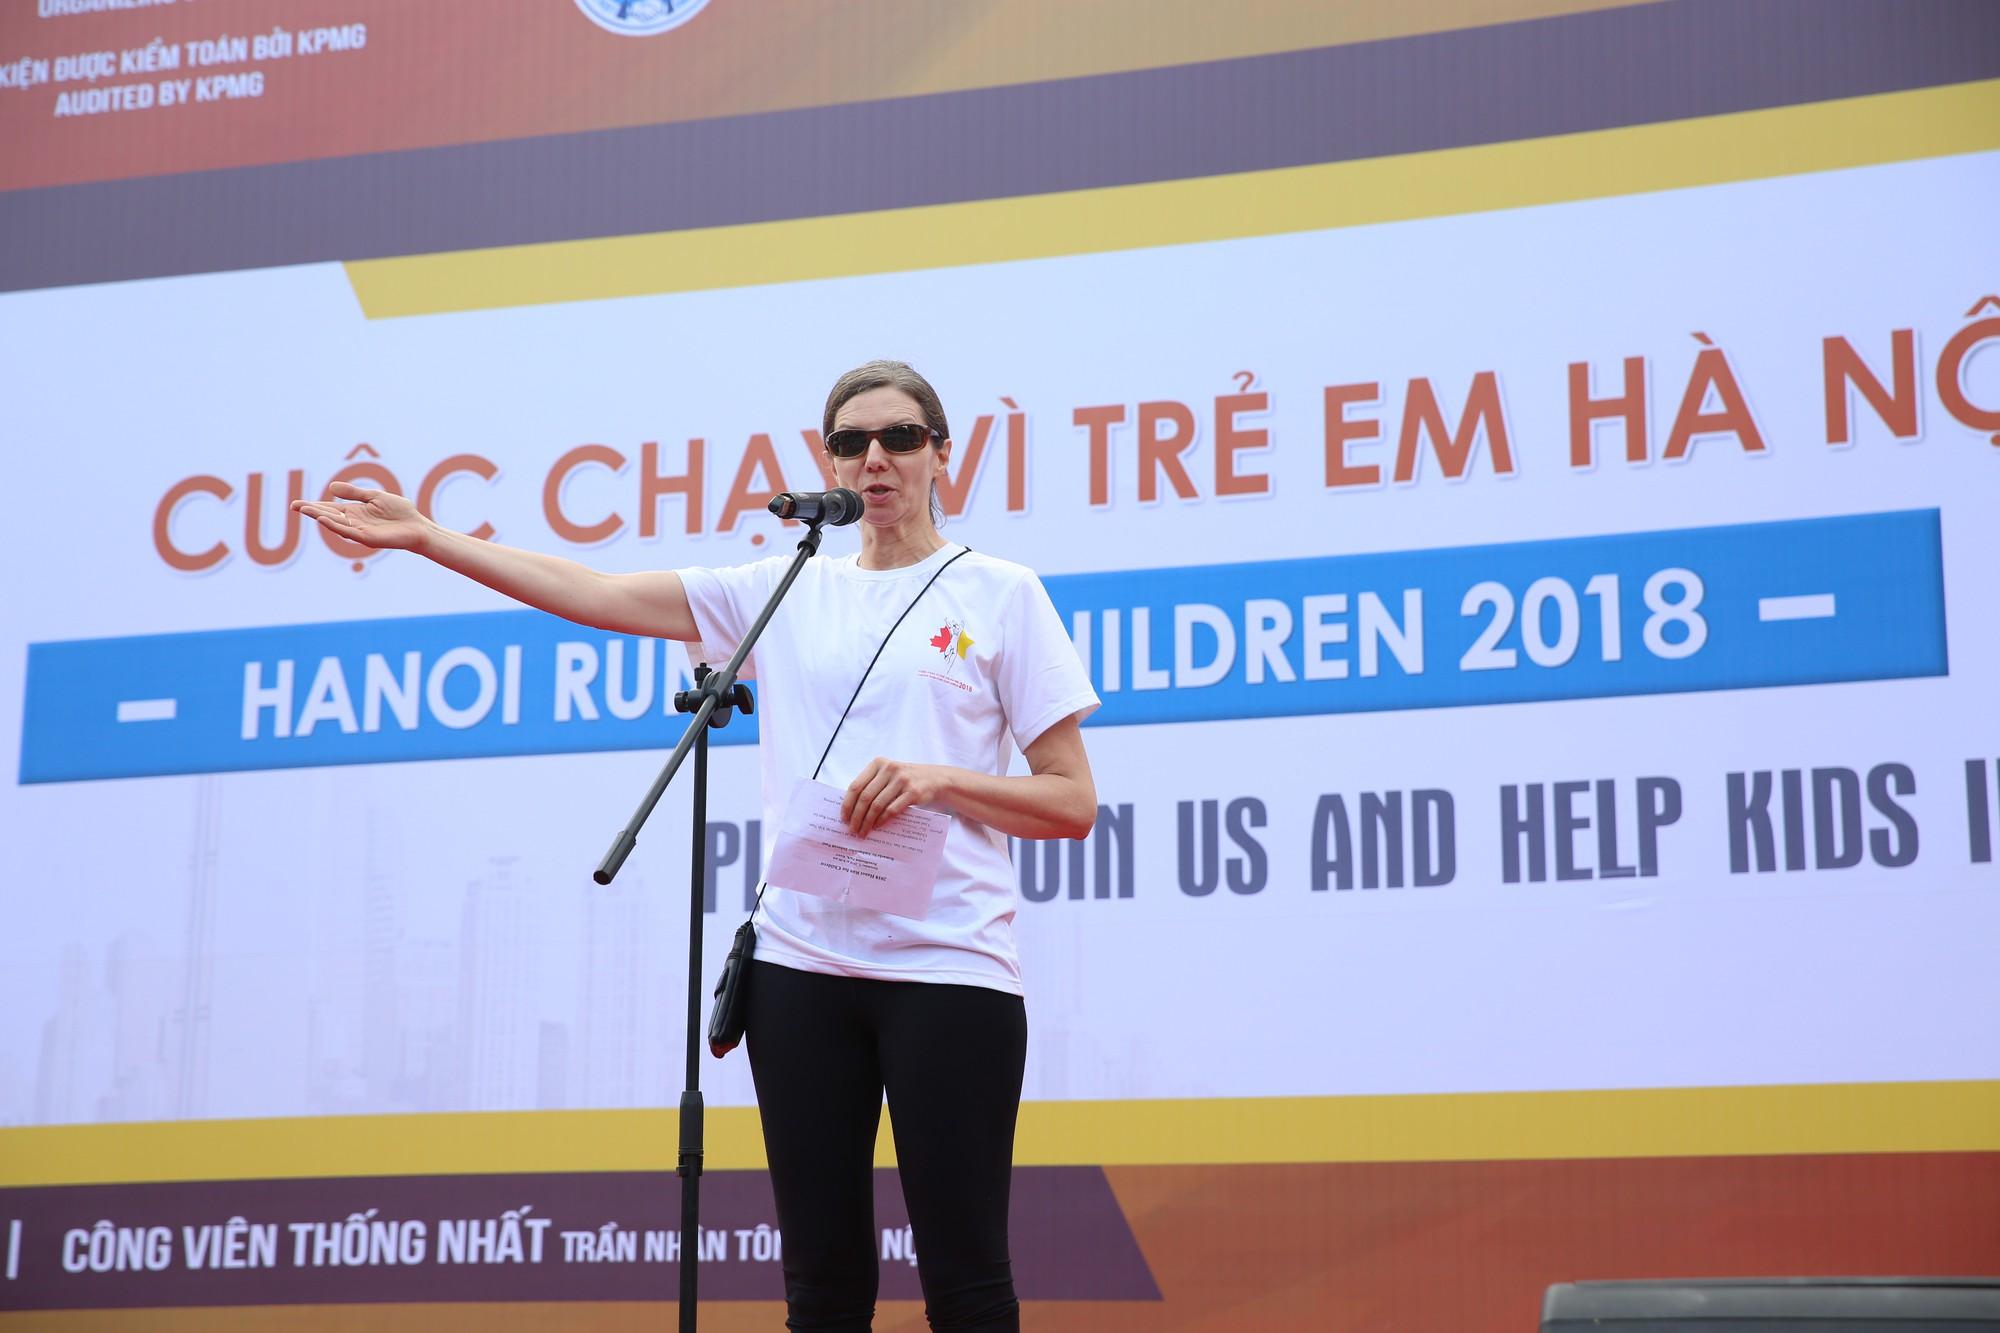 Chạy vì trẻ em Hà Nội 2018 thu hút hàng nghìn người tham dự, quyên góp hơn 1 tỷ đồng - Ảnh 4.